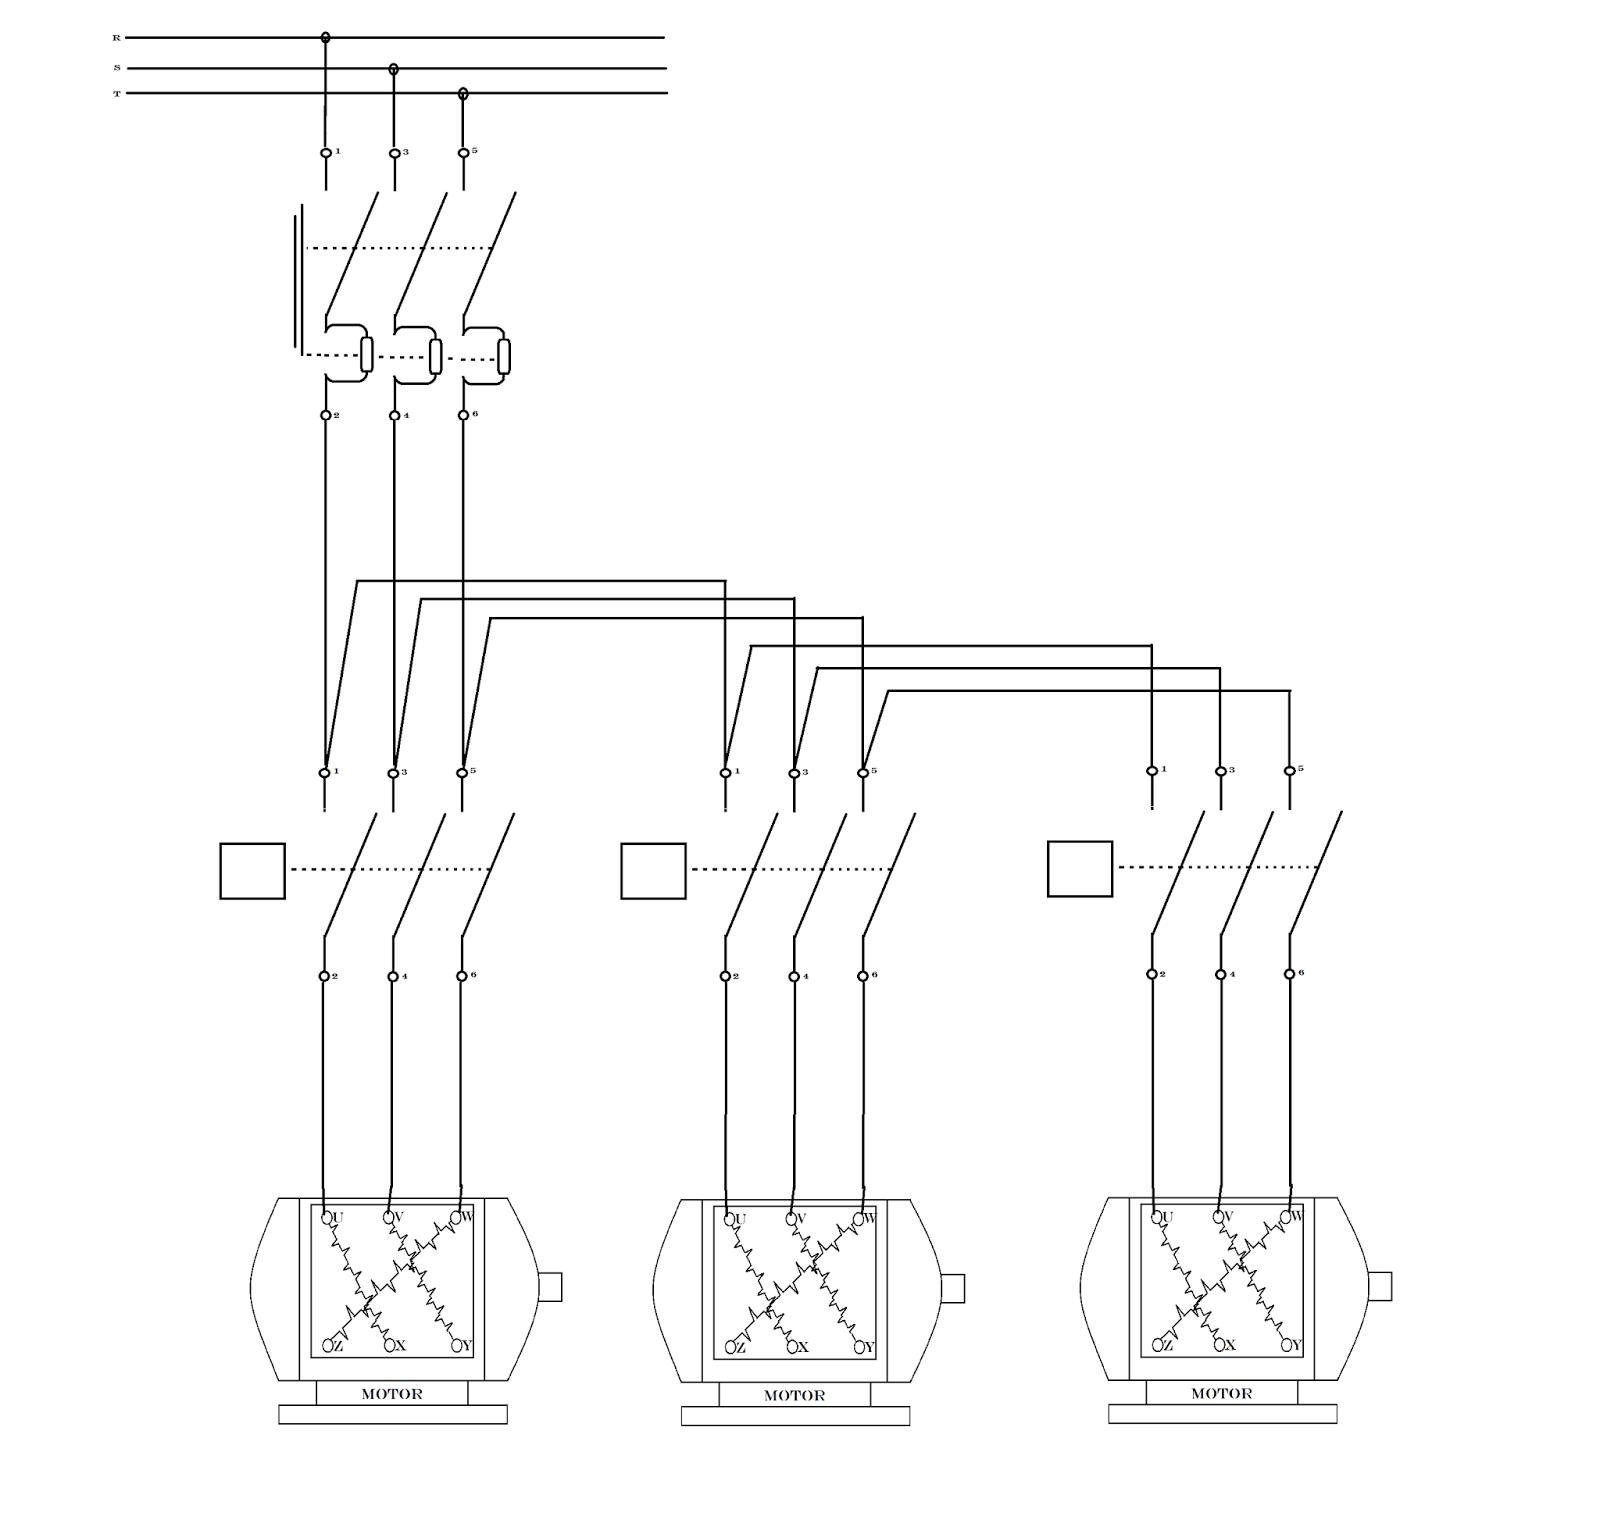 Sistem kontrol motor Listrik 3 fasa hidup mati berurutan | Wijdan ...